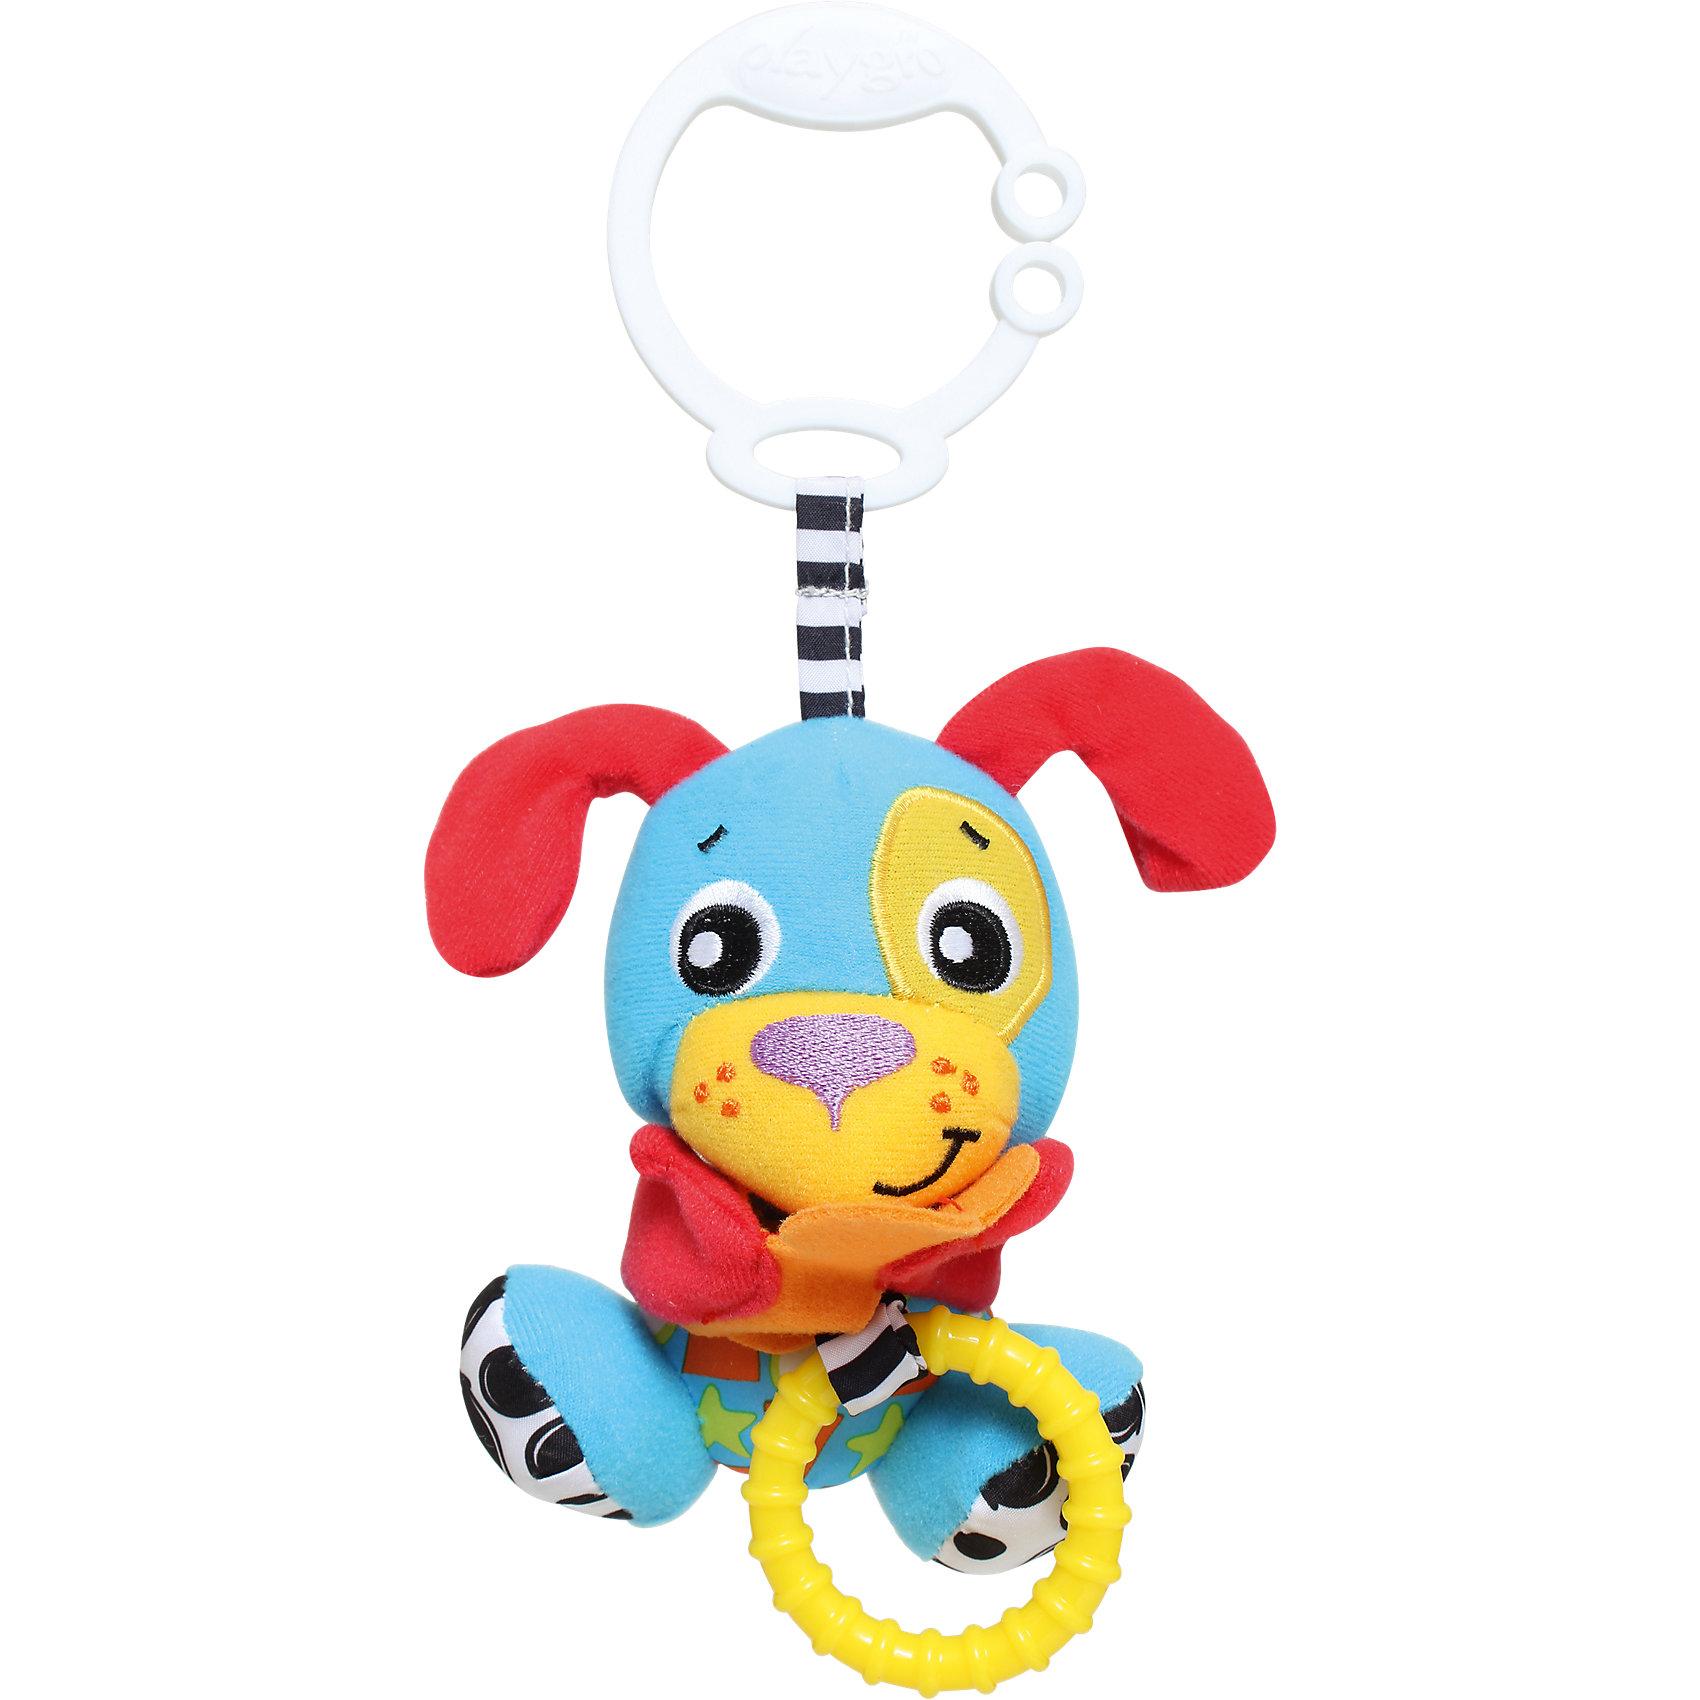 Игрушка-подвеска Щенок, PlaygroПодвески<br>Яркая подвеска со вставками из разных по фактуре материалов и пластиковым прорезывателем обязательно привлечет внимание малышей! Как только кроха отнимет косточку у щенка, потянув за кольцо, она  вернется в исходное положение с вибрирующим эффектом. С помощью крепления в виде кольца игрушку можно надежно зафиксировать на коляске, кроватке, манеже, игровом центре. Игрушка способствует развитию моторики, тактильных ощущений, причинно-следственных связей.<br><br>Дополнительная информация:<br><br>- Материал: пластик, текстиль.<br>- Размер упаковки: 12х8,5х26 см.<br>- Удобное крепление в виде кольца.<br><br>Игрушку-подвеску Щенок, Playgro (Плейгро), можно купить в нашем магазине.<br><br>Ширина мм: 157<br>Глубина мм: 126<br>Высота мм: 93<br>Вес г: 75<br>Возраст от месяцев: 0<br>Возраст до месяцев: 12<br>Пол: Унисекс<br>Возраст: Детский<br>SKU: 4729141